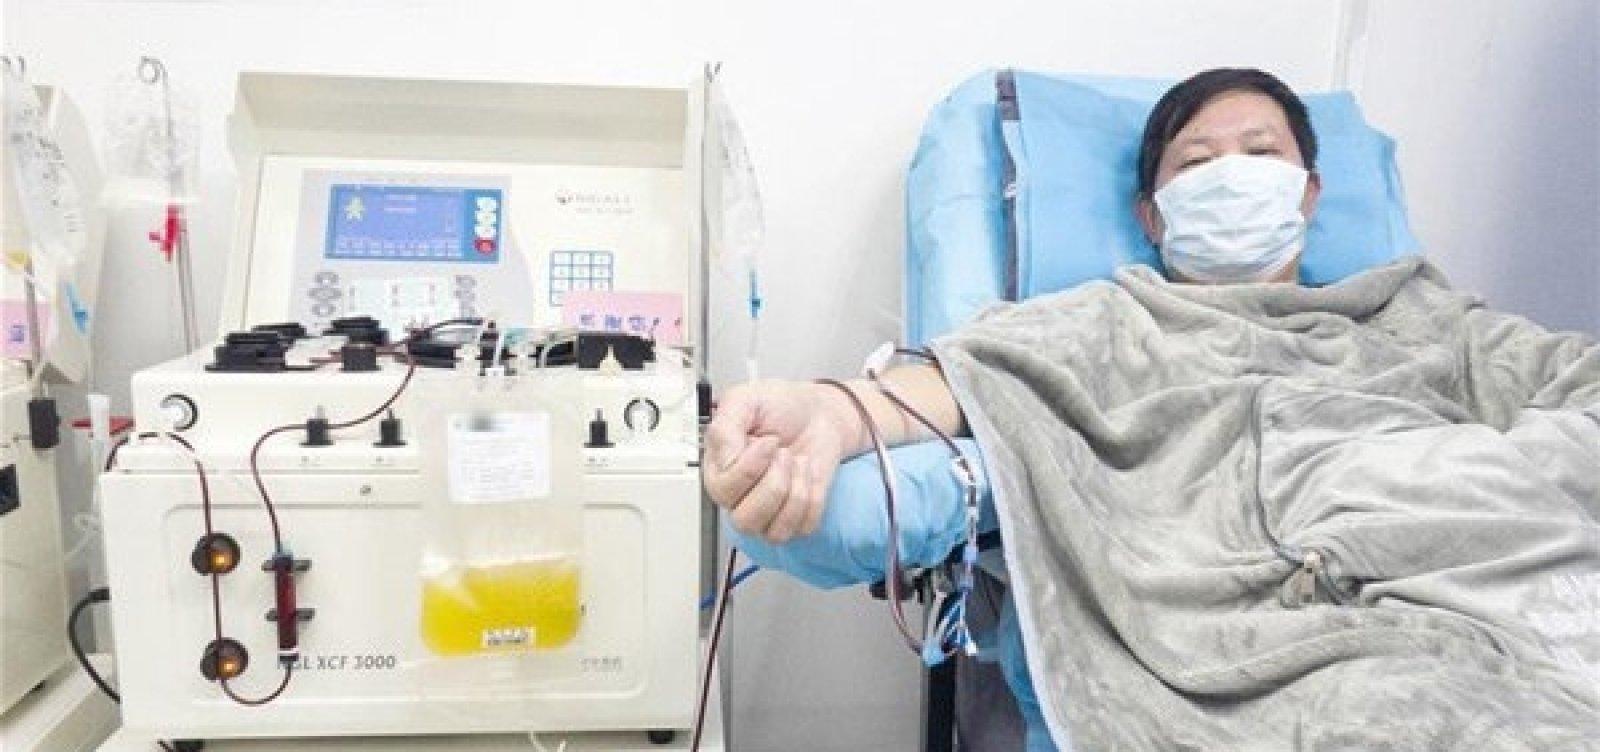 [China registra primeira morte por Covid-19 em oito meses]